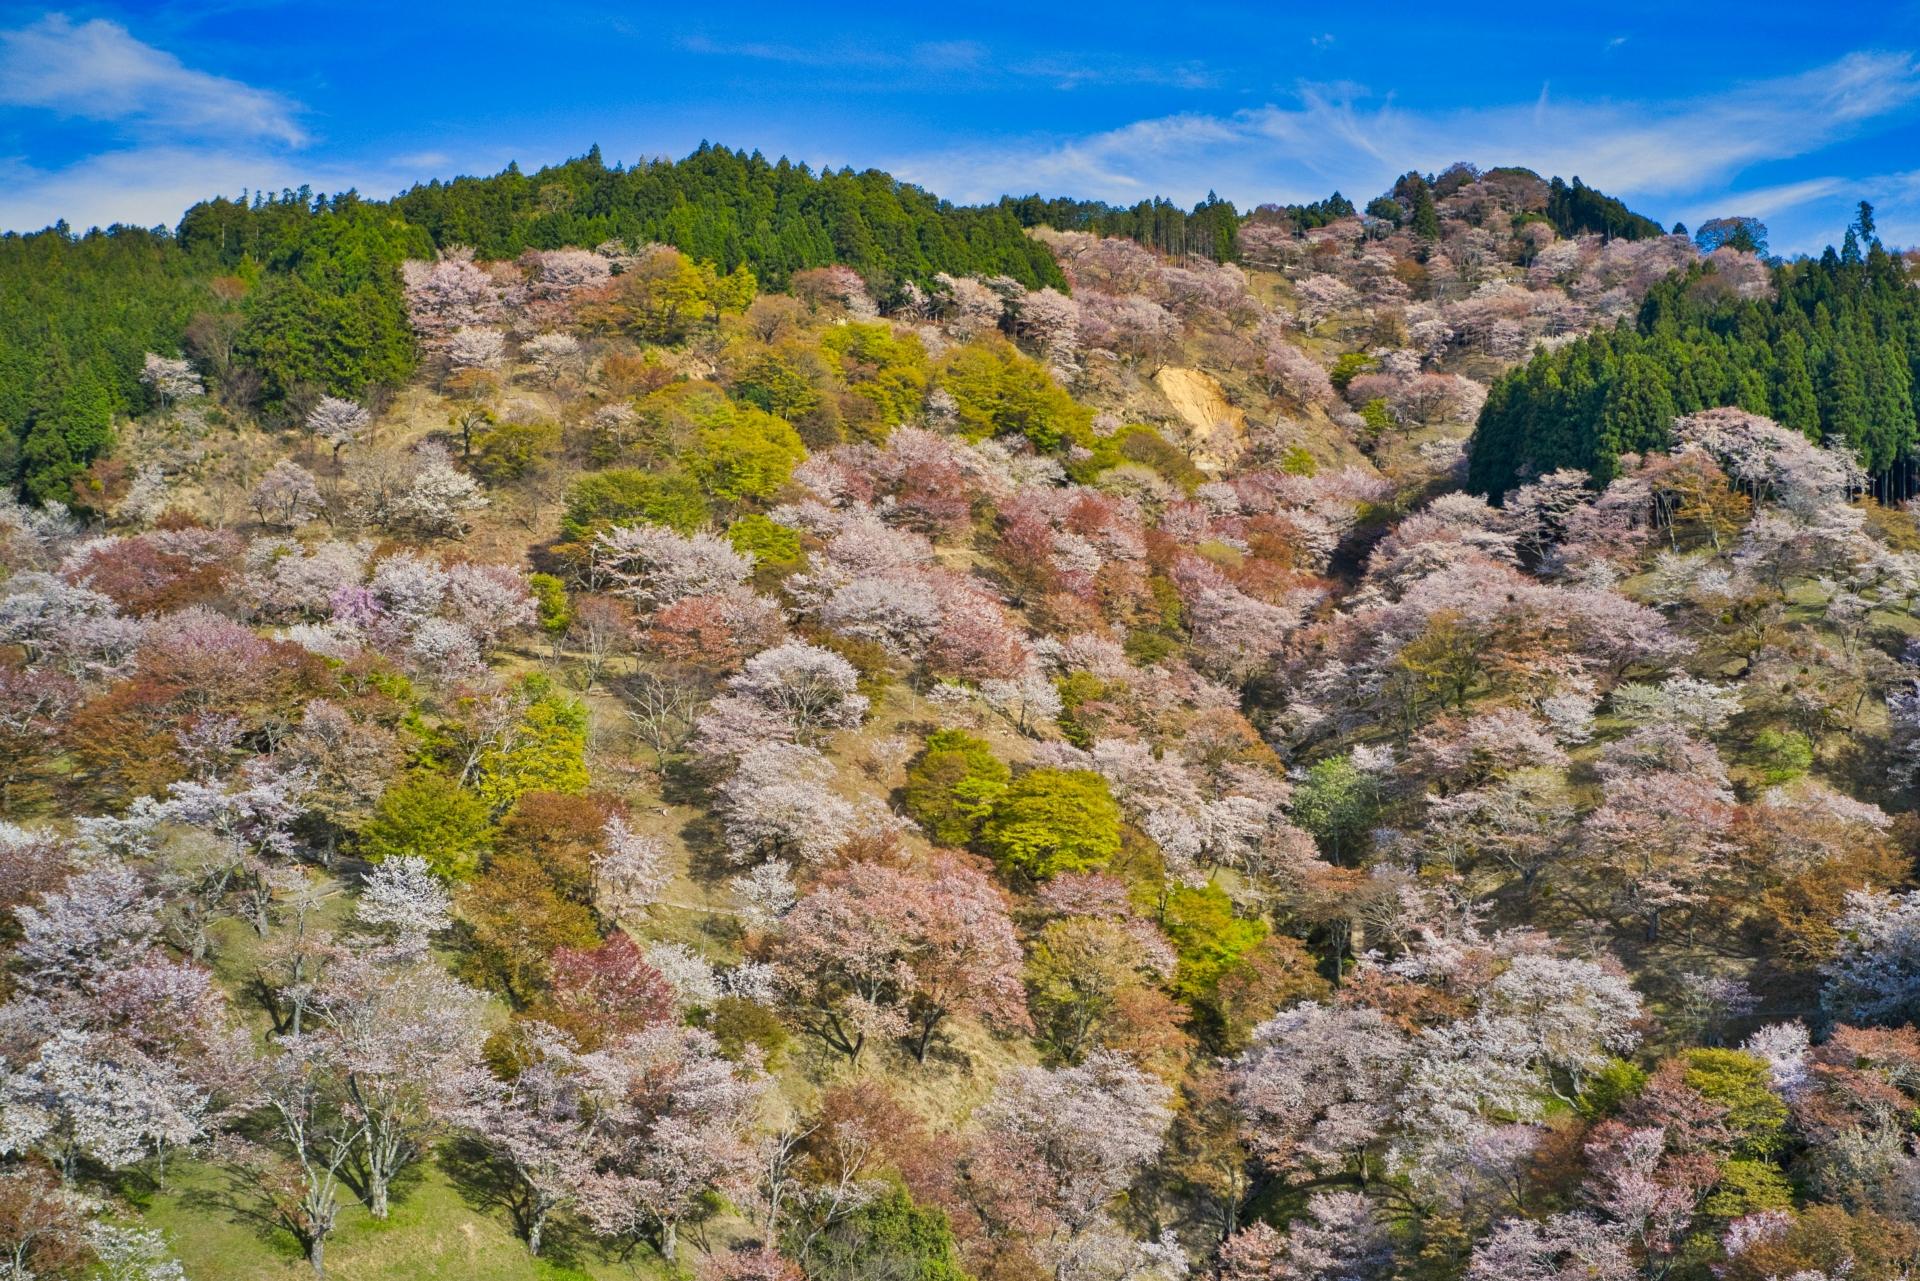 3237575_m 奈良県  吉野山(山が桜に染まる春におすすめの絶景スポット! 写真の紹介、アクセス情報や駐車場情報など)